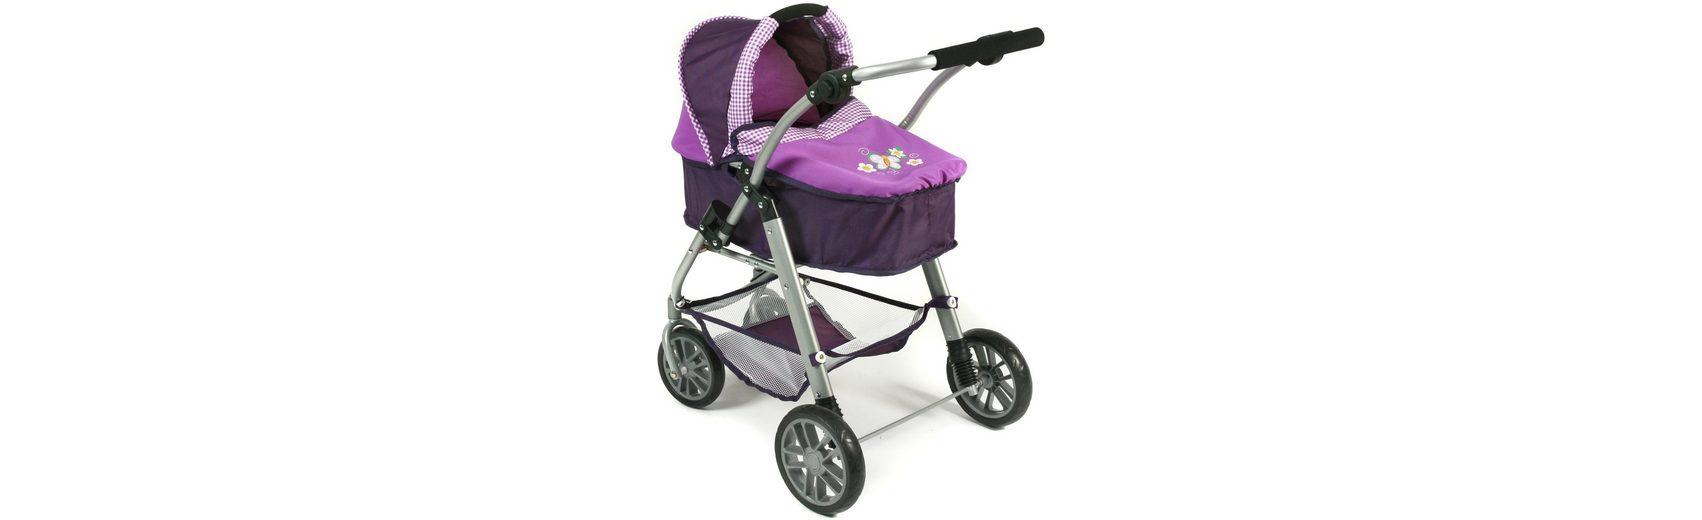 CHIC2000 Kombi Puppenwagen mit drehbarem Babywannen Aufsatz, »EMILIA Purple«